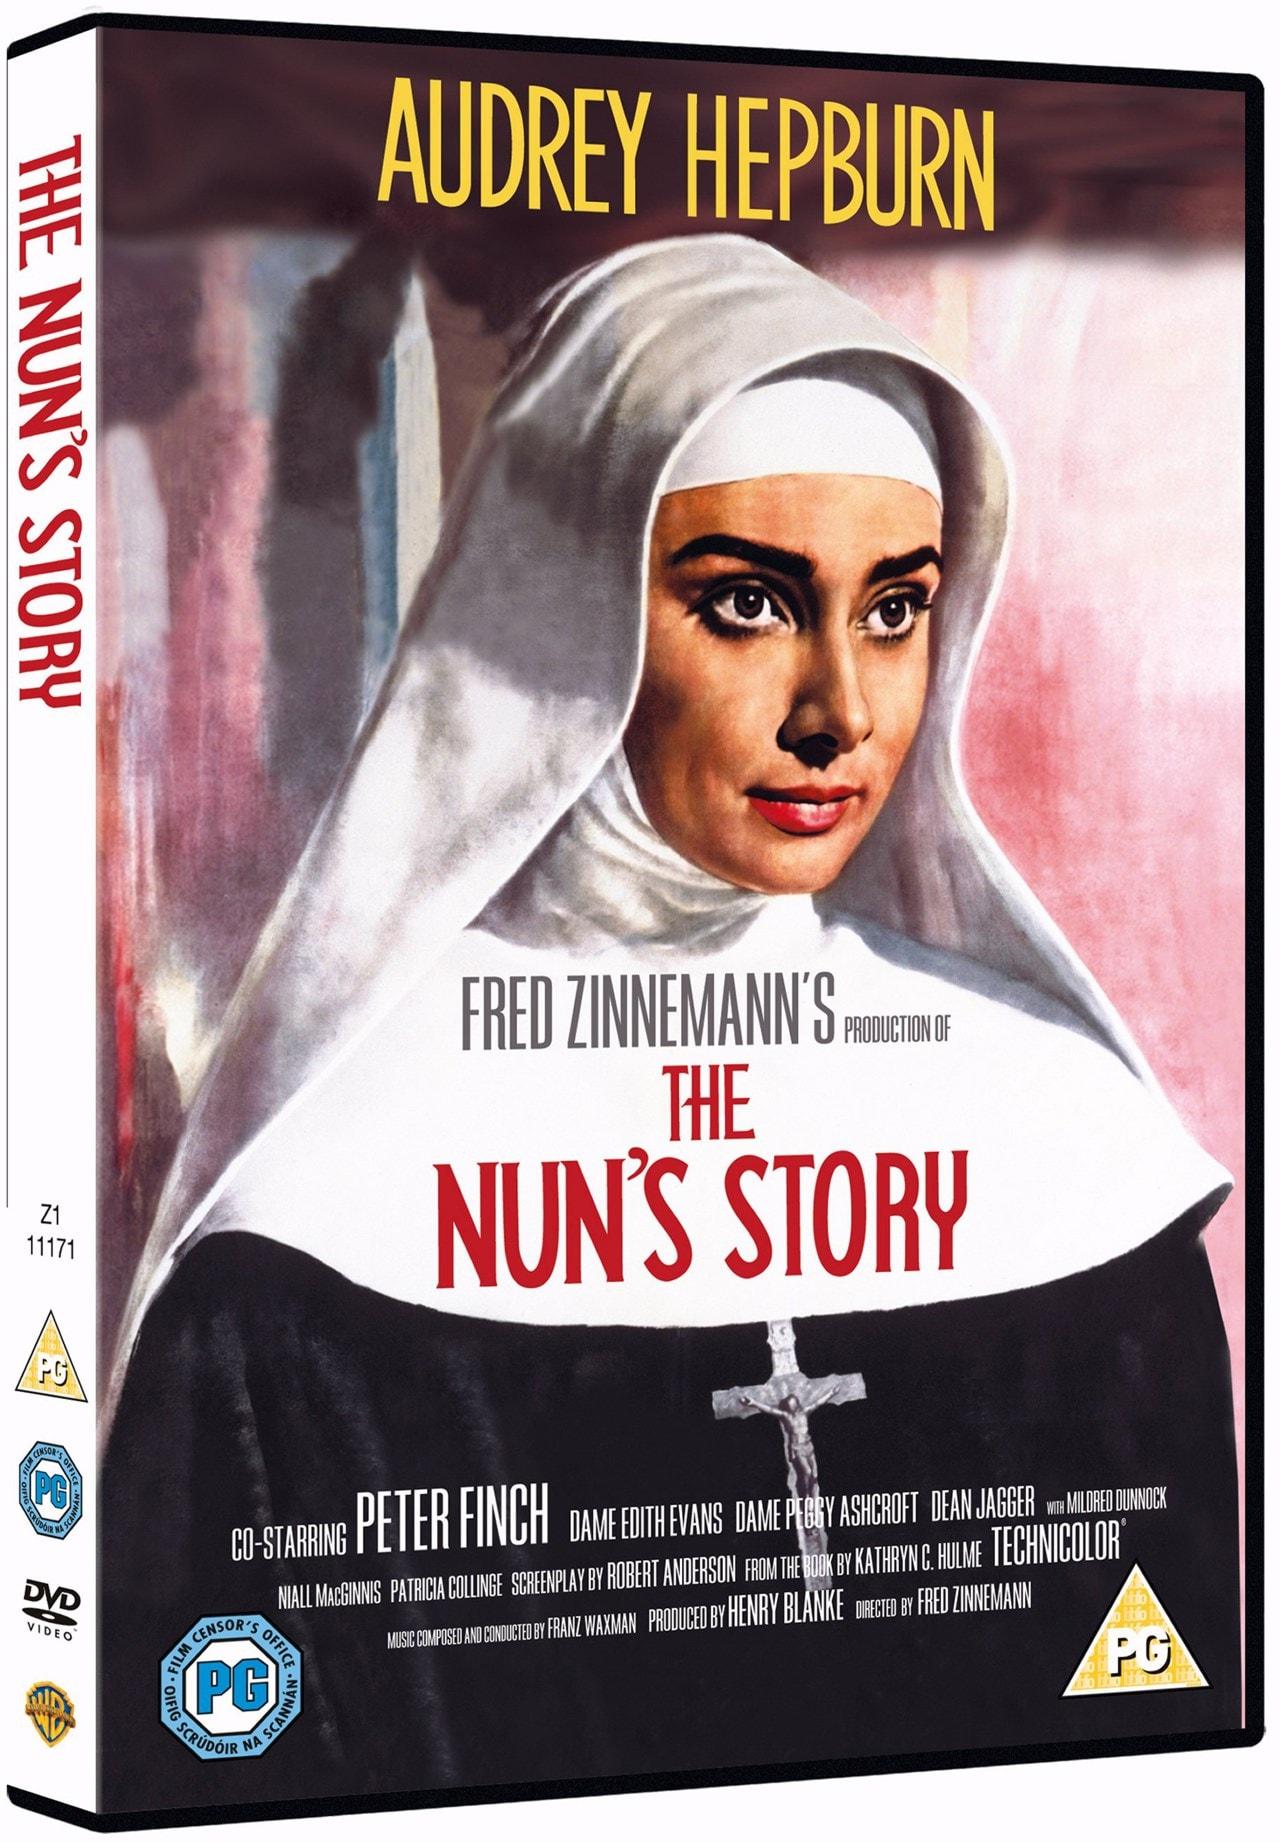 The Nun's Story - 2